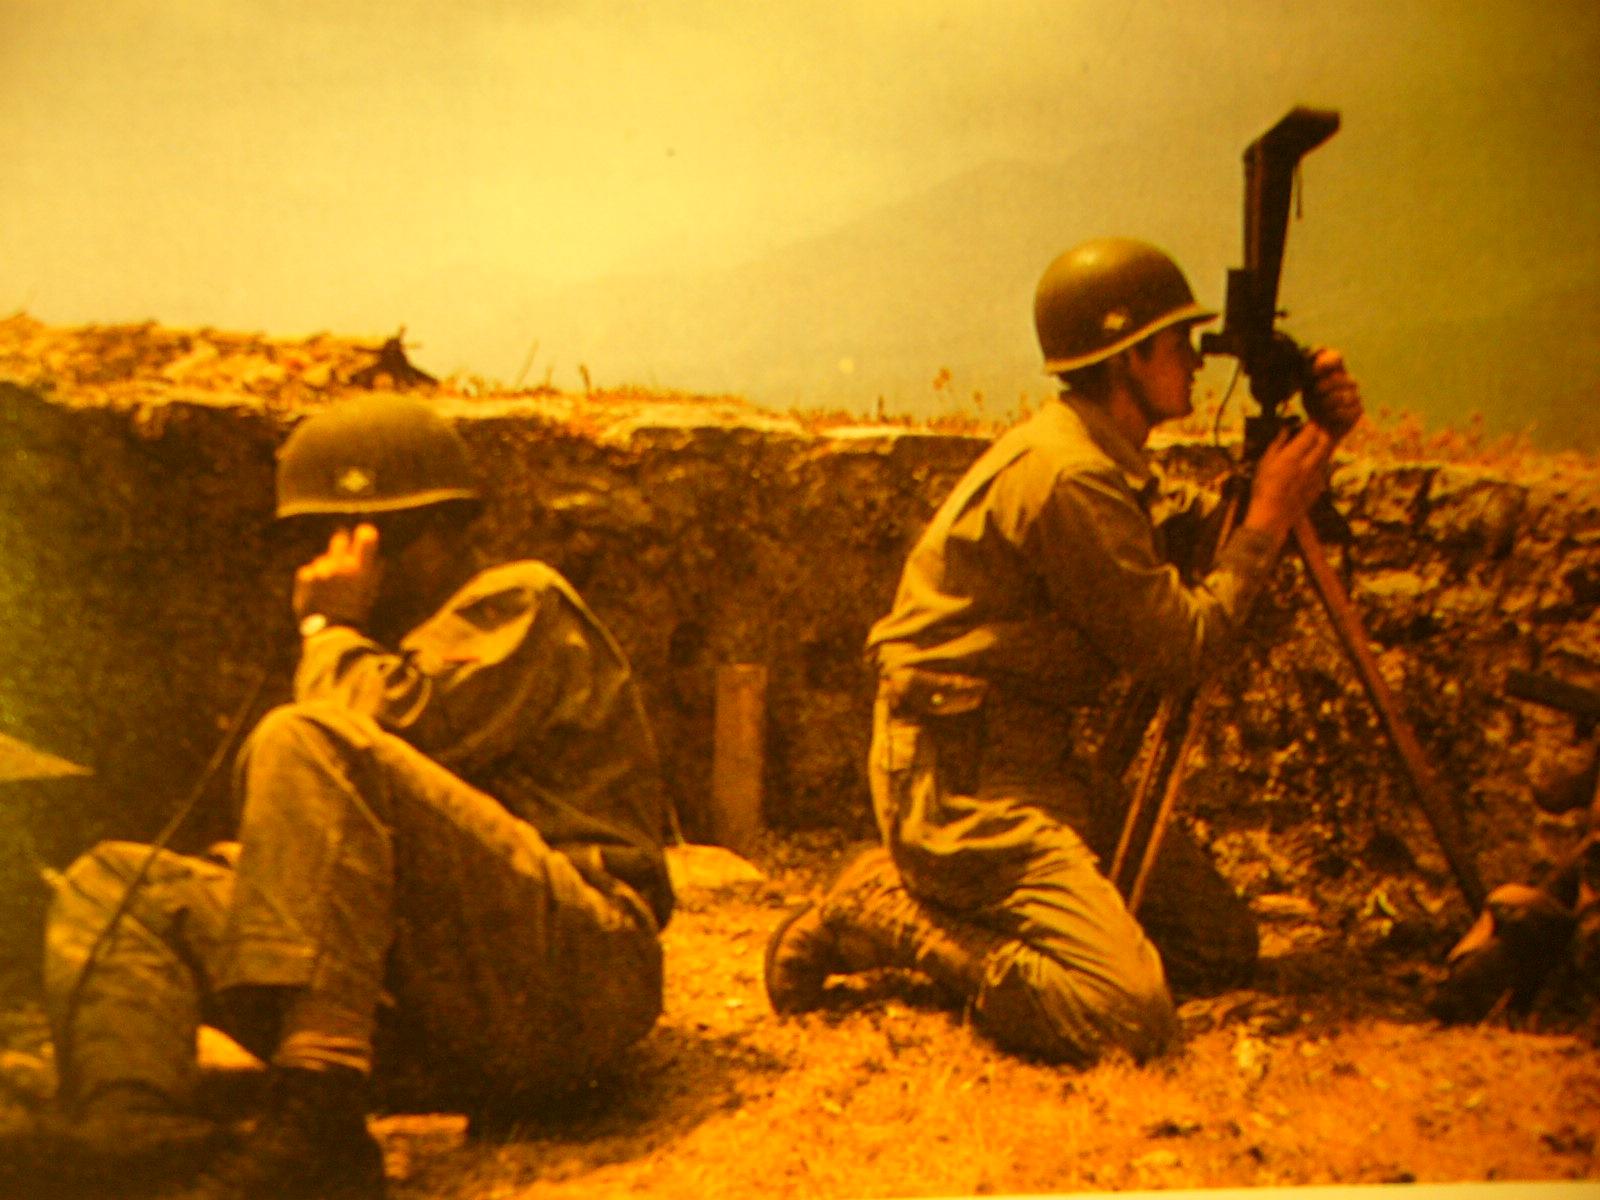 Fotografias increibles de la Segunda Guerra Mundial 4146210p1090938